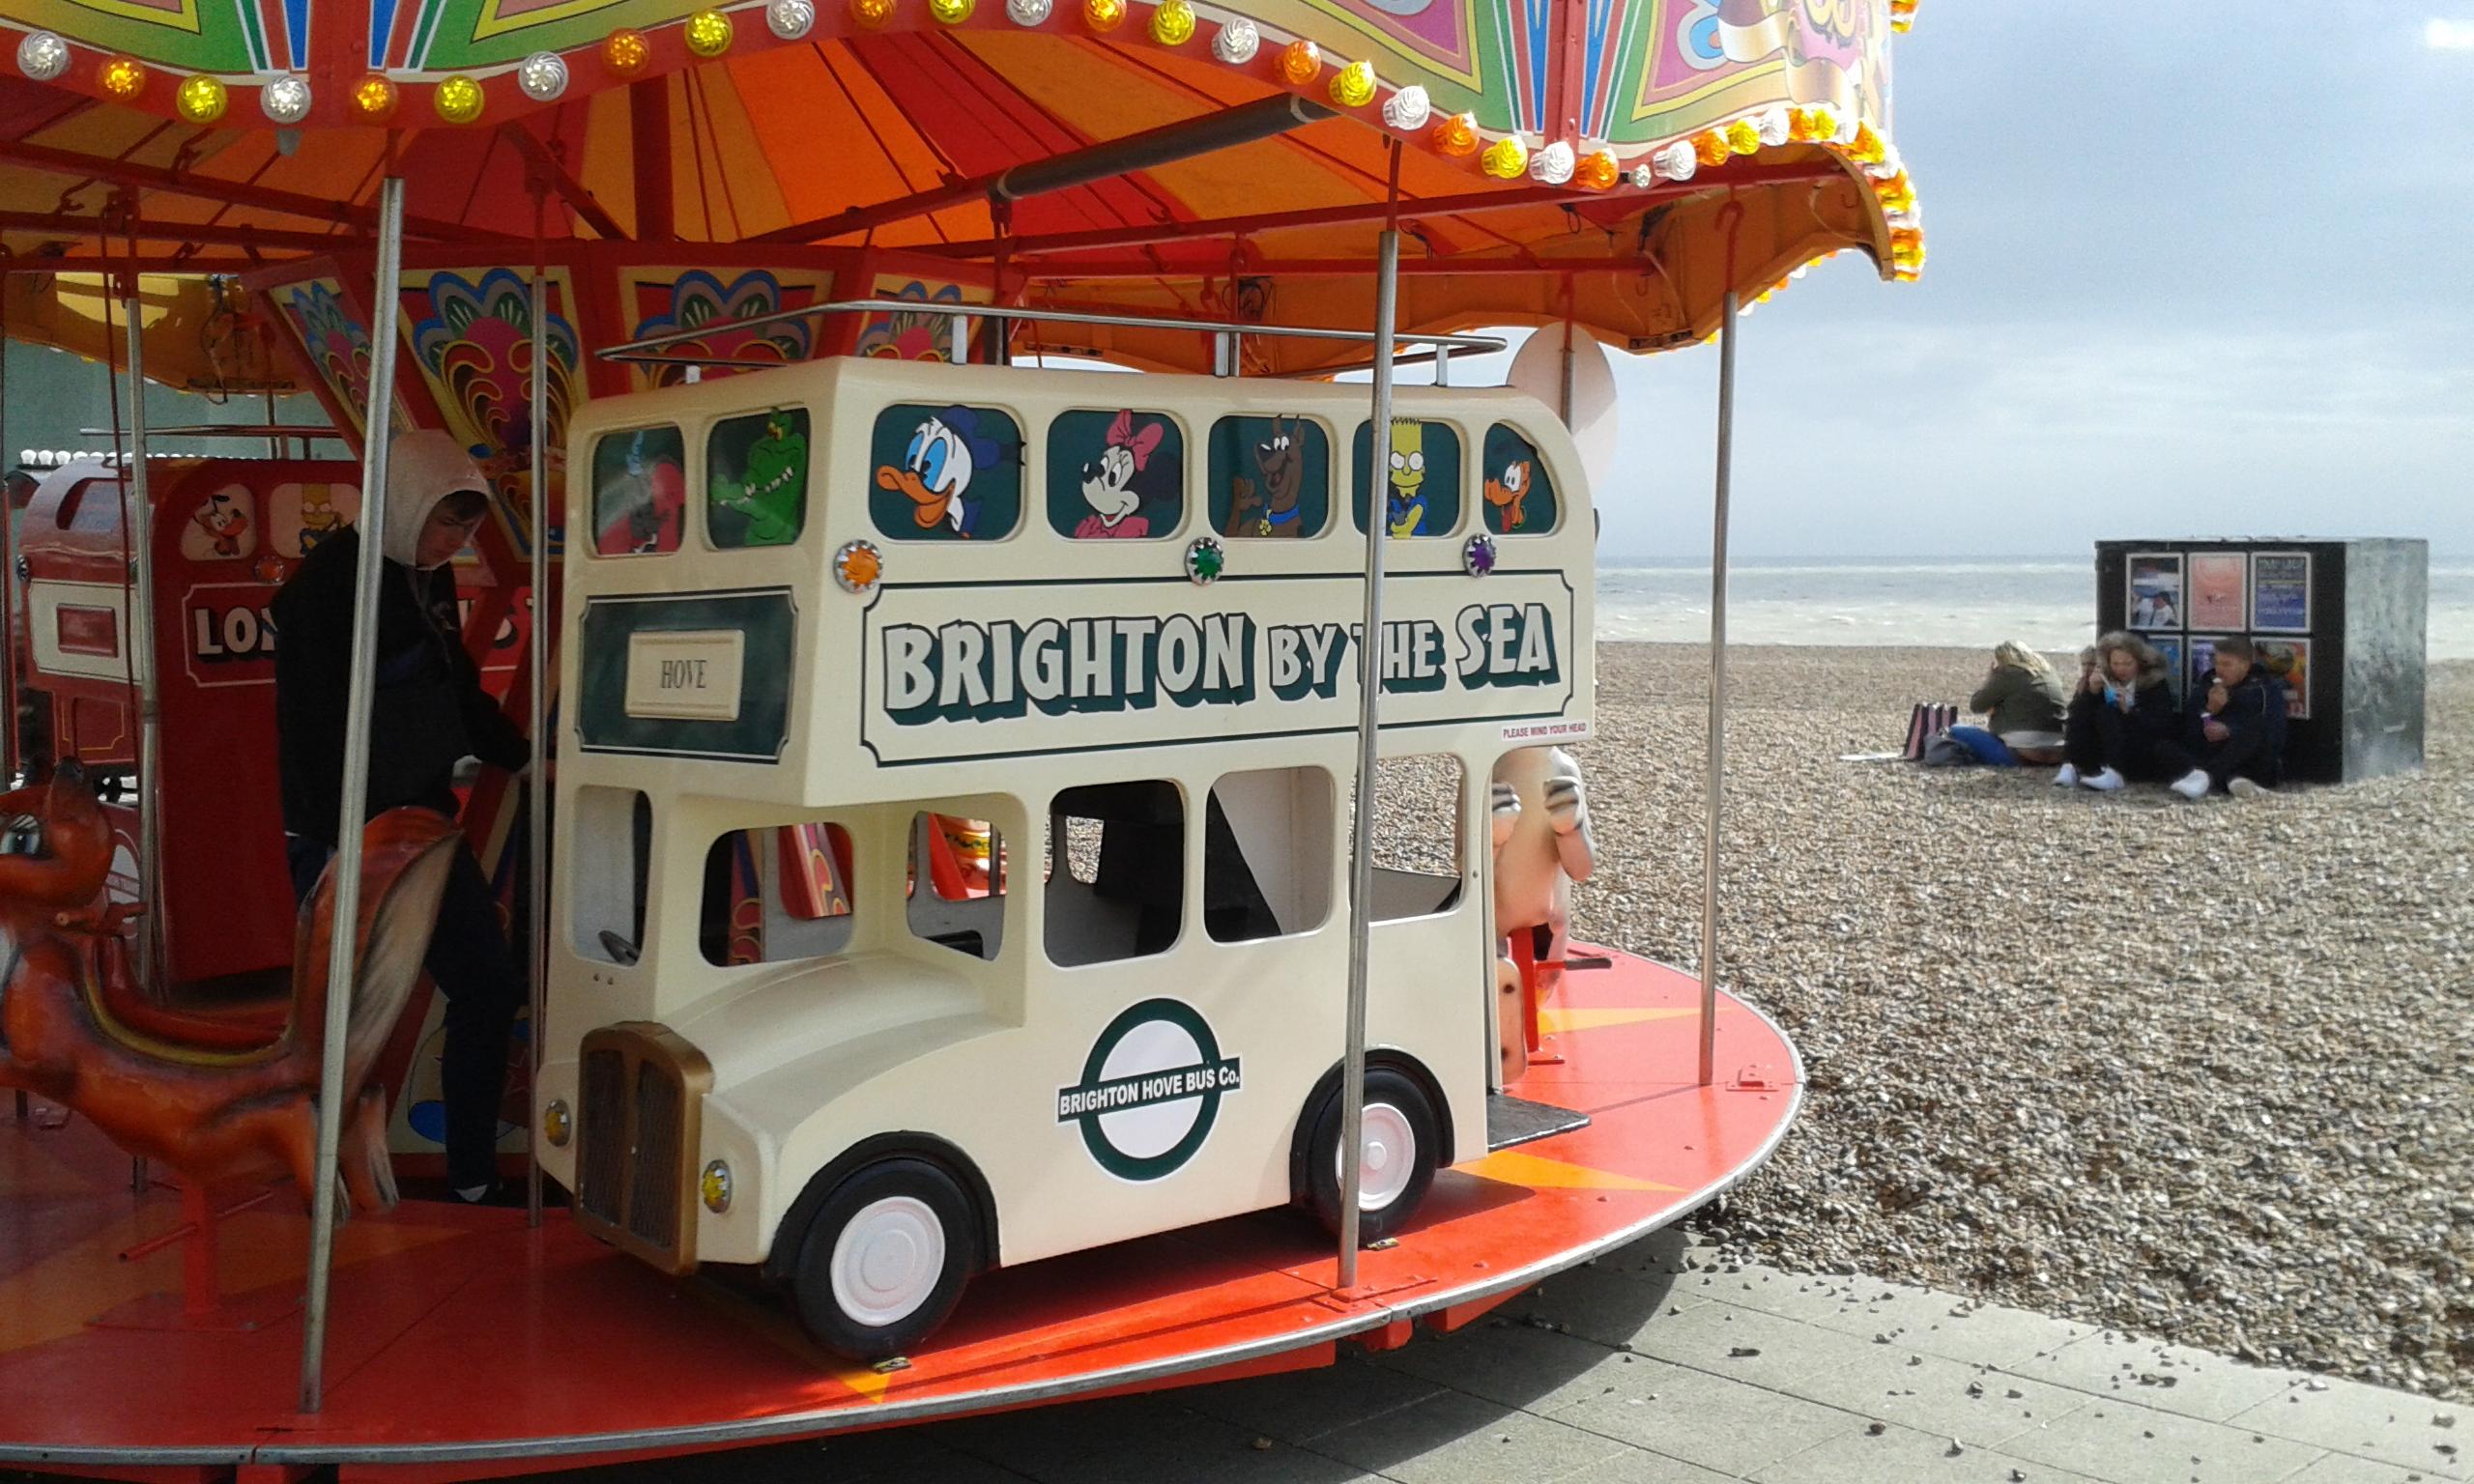 Brighton by the sea